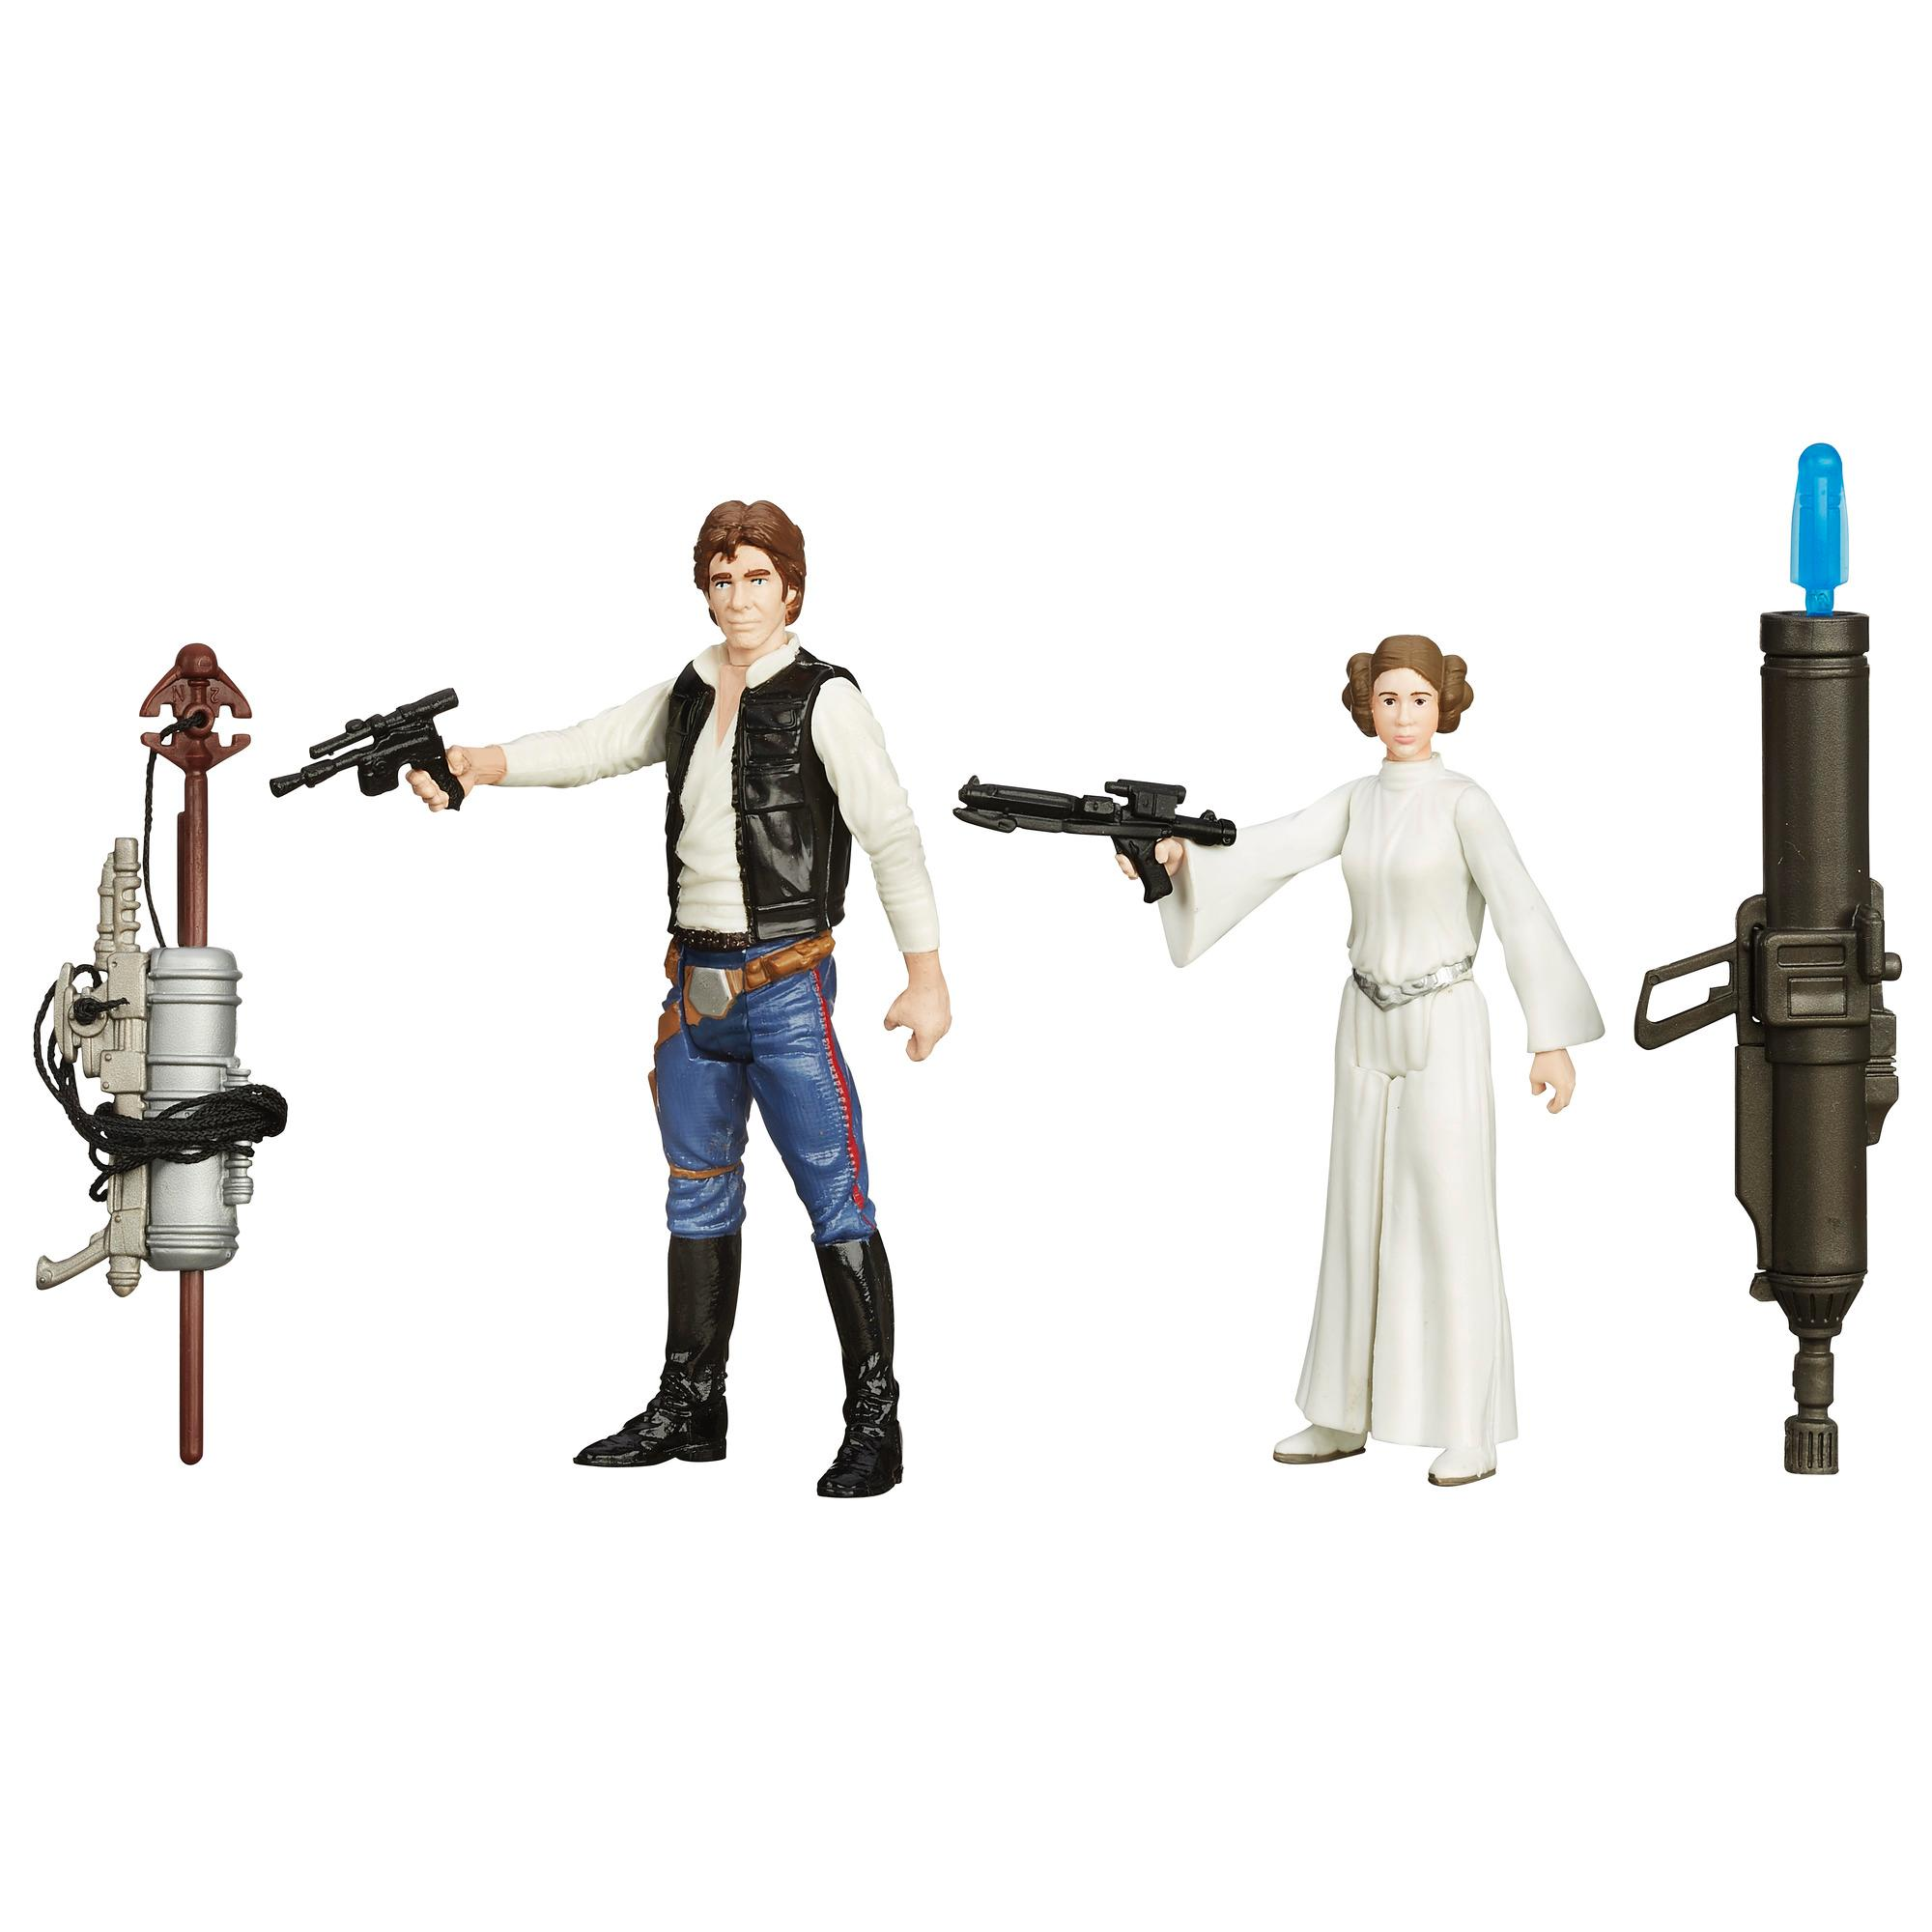 Star Wars Uma Nova Esperança - Kit Missão Espacial com 2 Figuras de 9,5 cm Han Solo e Princesa Leia